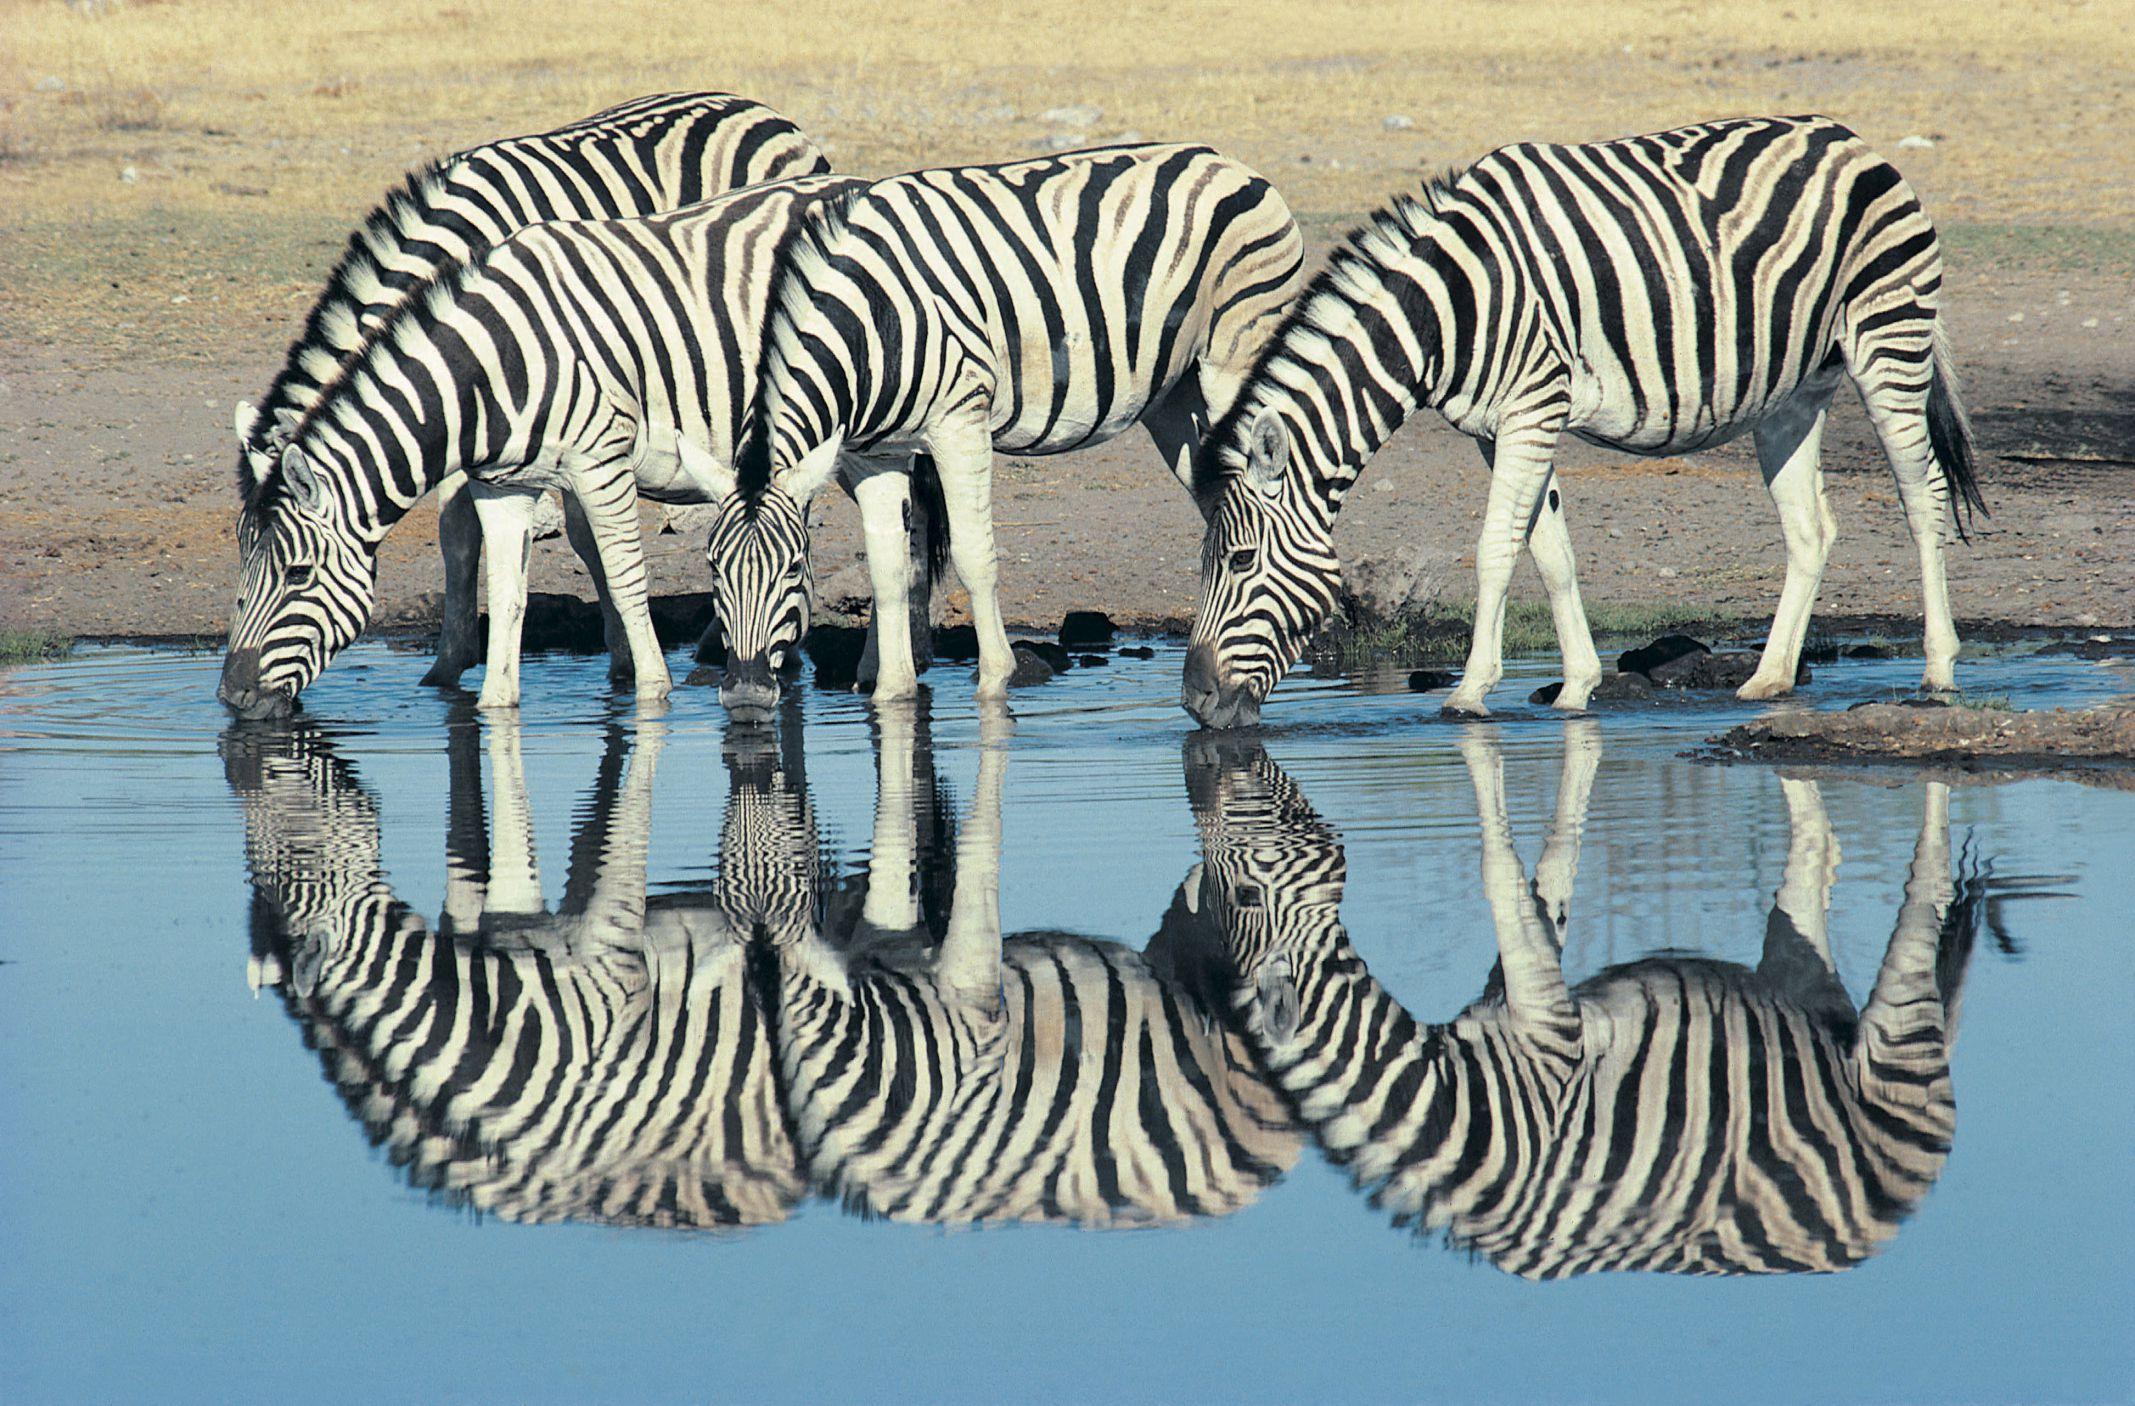 evolution explains zebra stripes